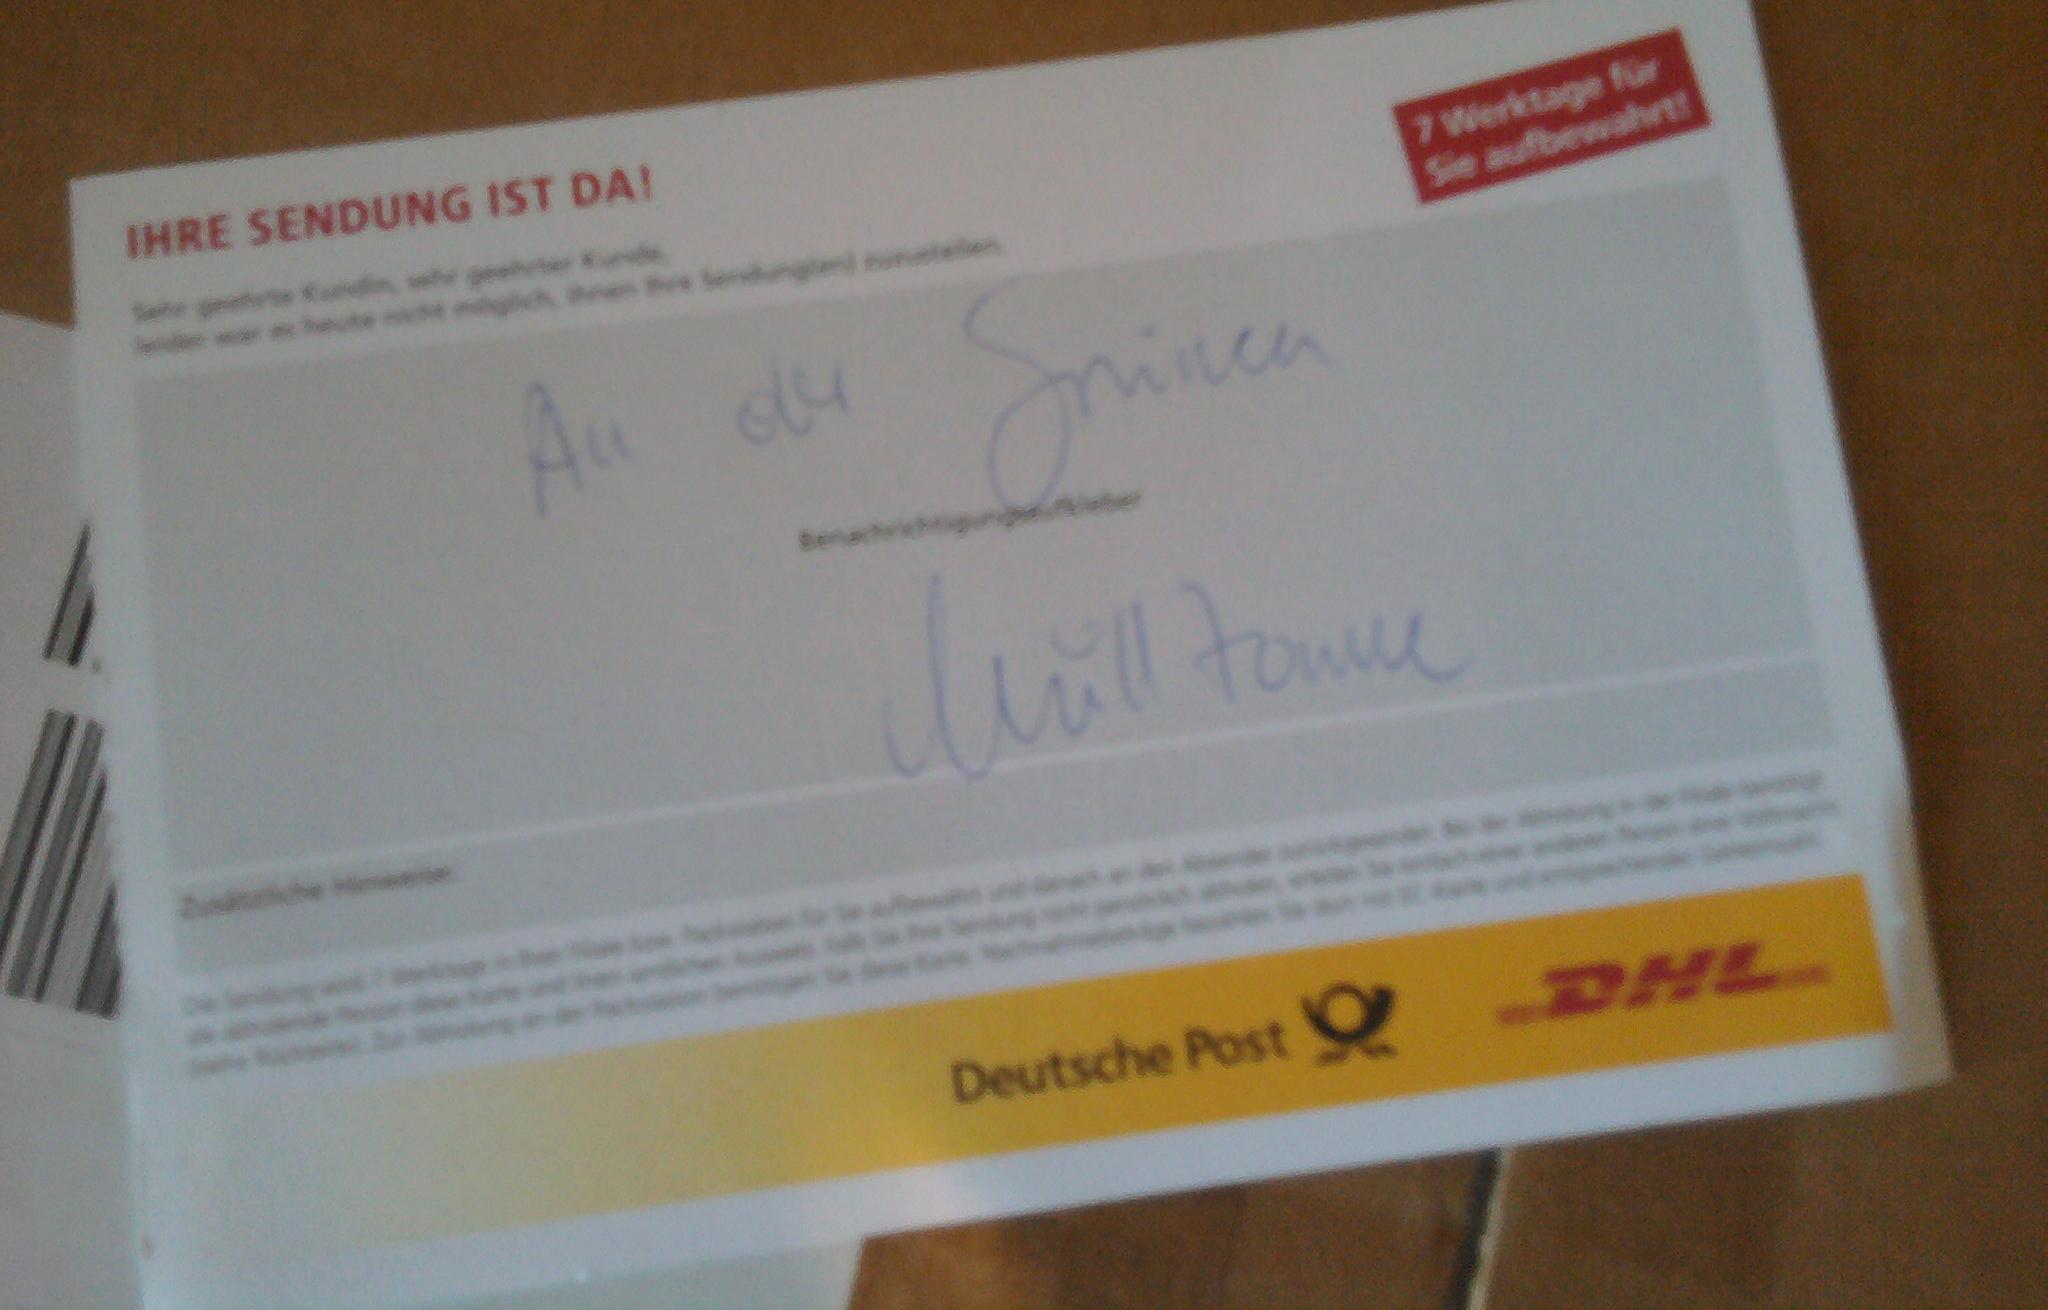 So lange die Pakete nicht in der Tonne landen, ist alles gut … #paketdienst #paketfahrer #dhl #deutschepost http://t.co/Bz0NnVOI4I